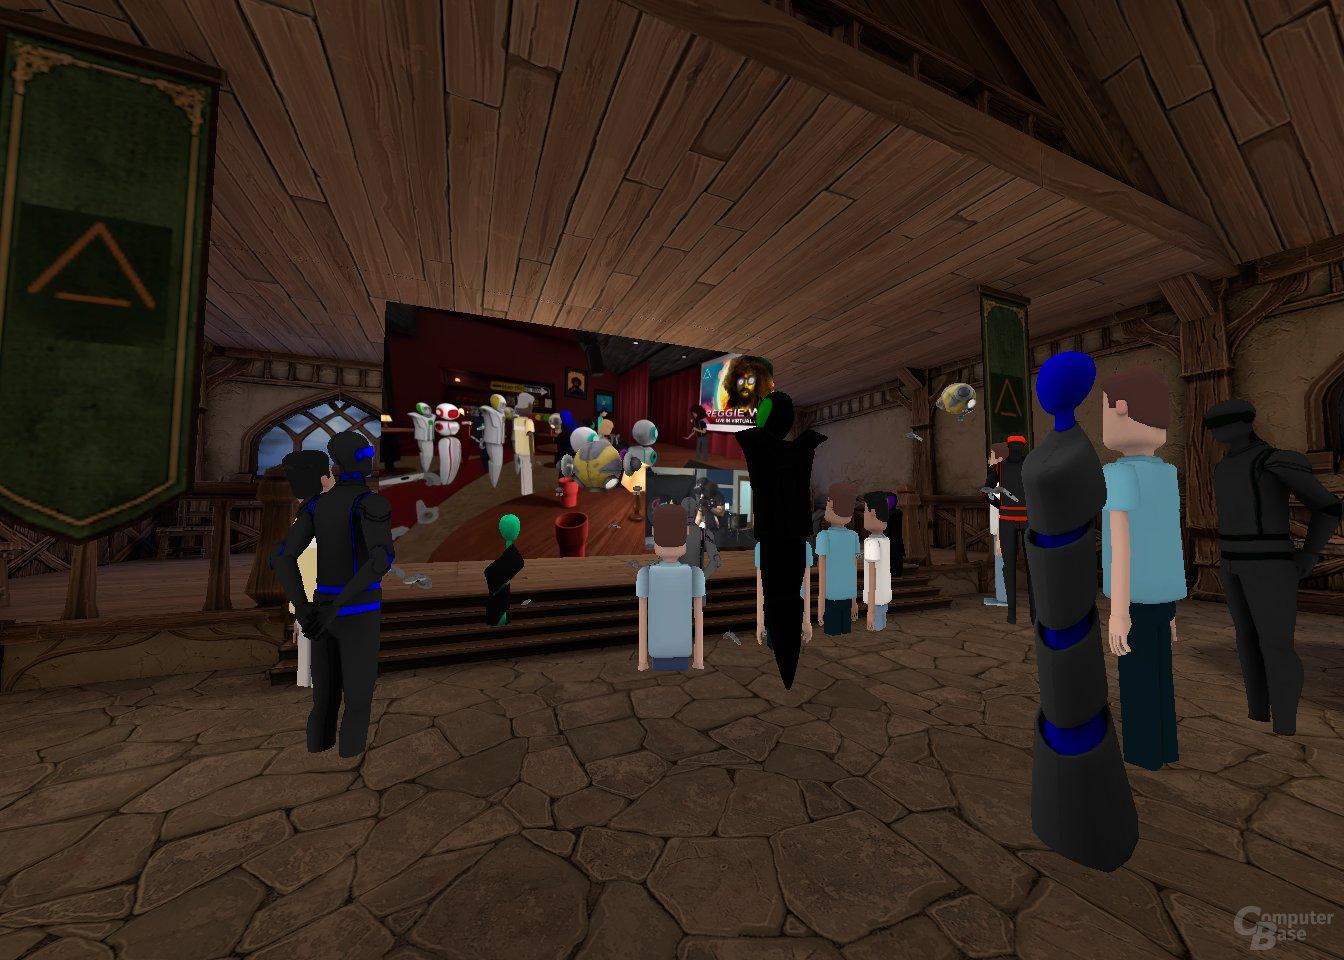 YouTube-Leinwand in der virtuellen Taverne